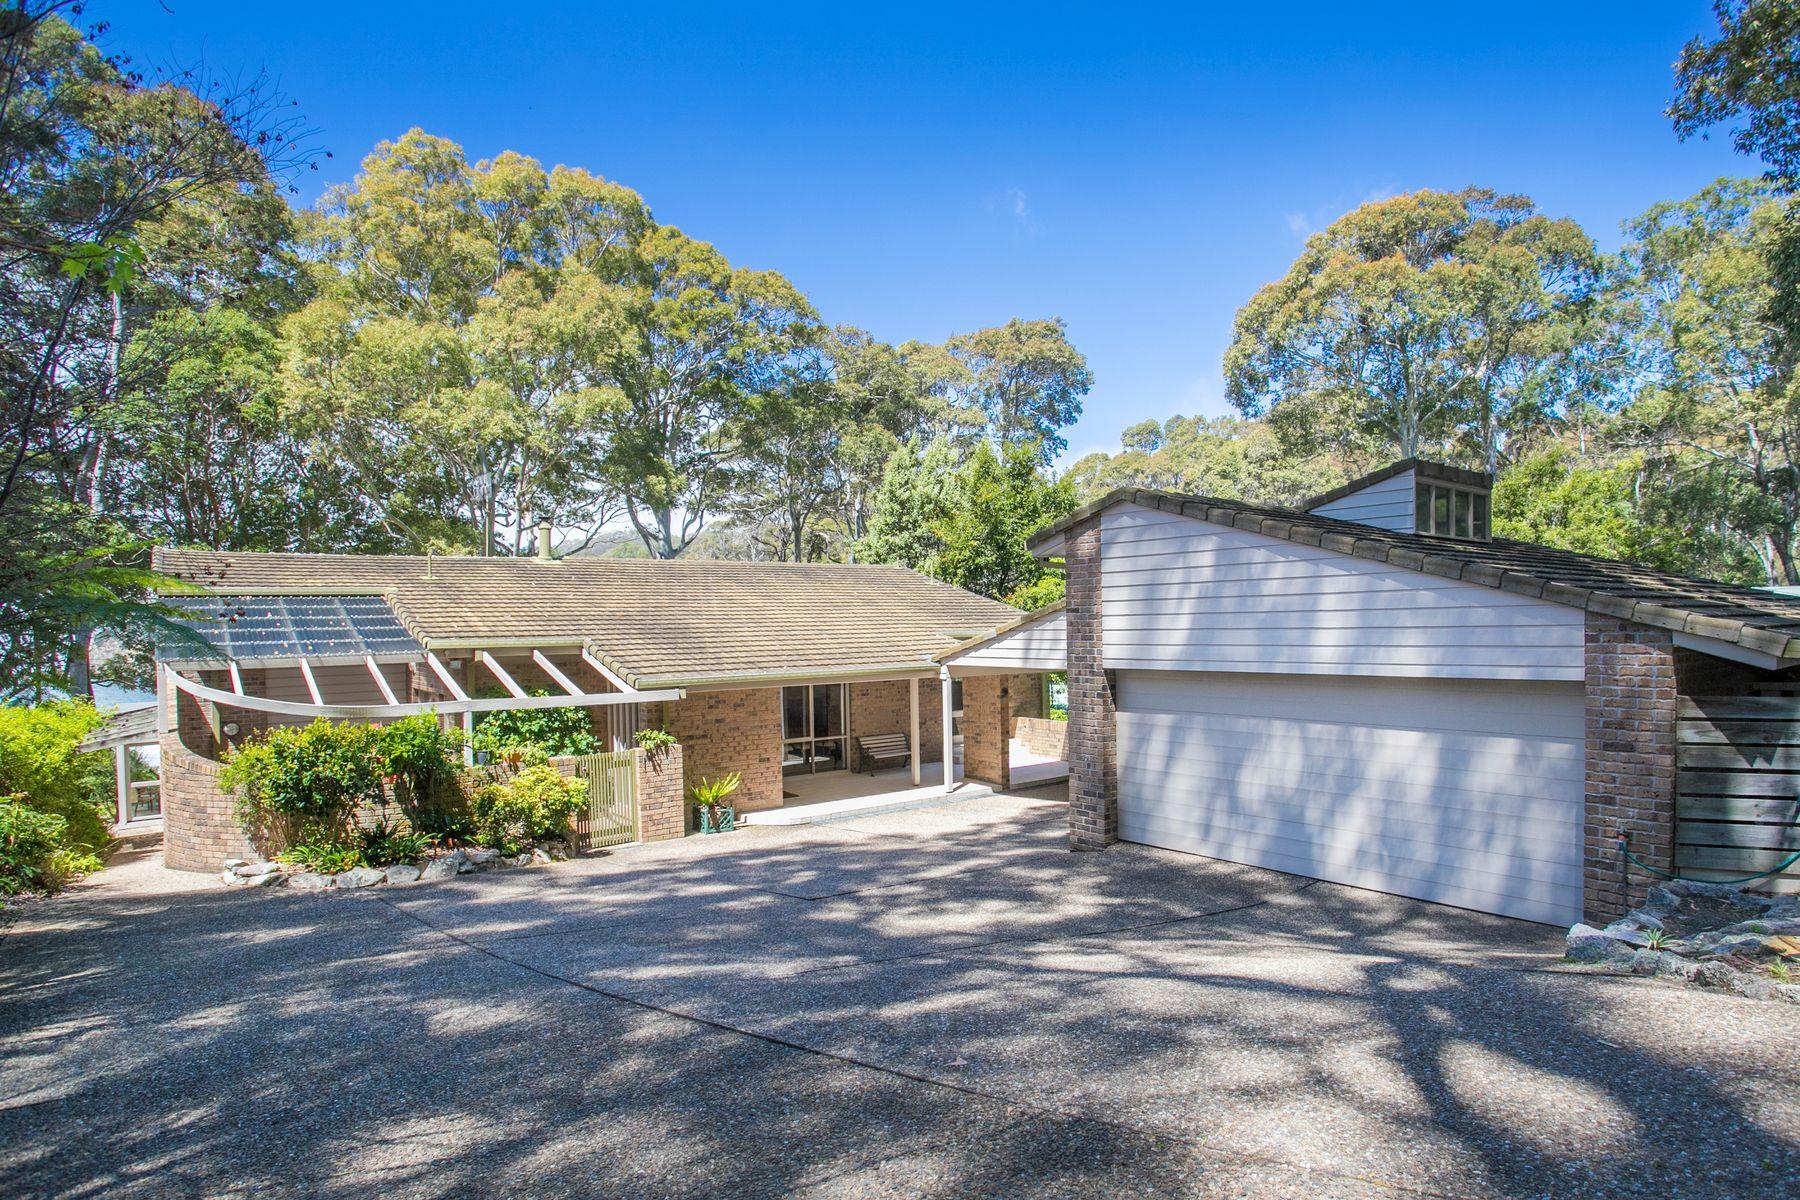 30 Denise Dr Lilli Pilli Nsw 2536 Australia House For